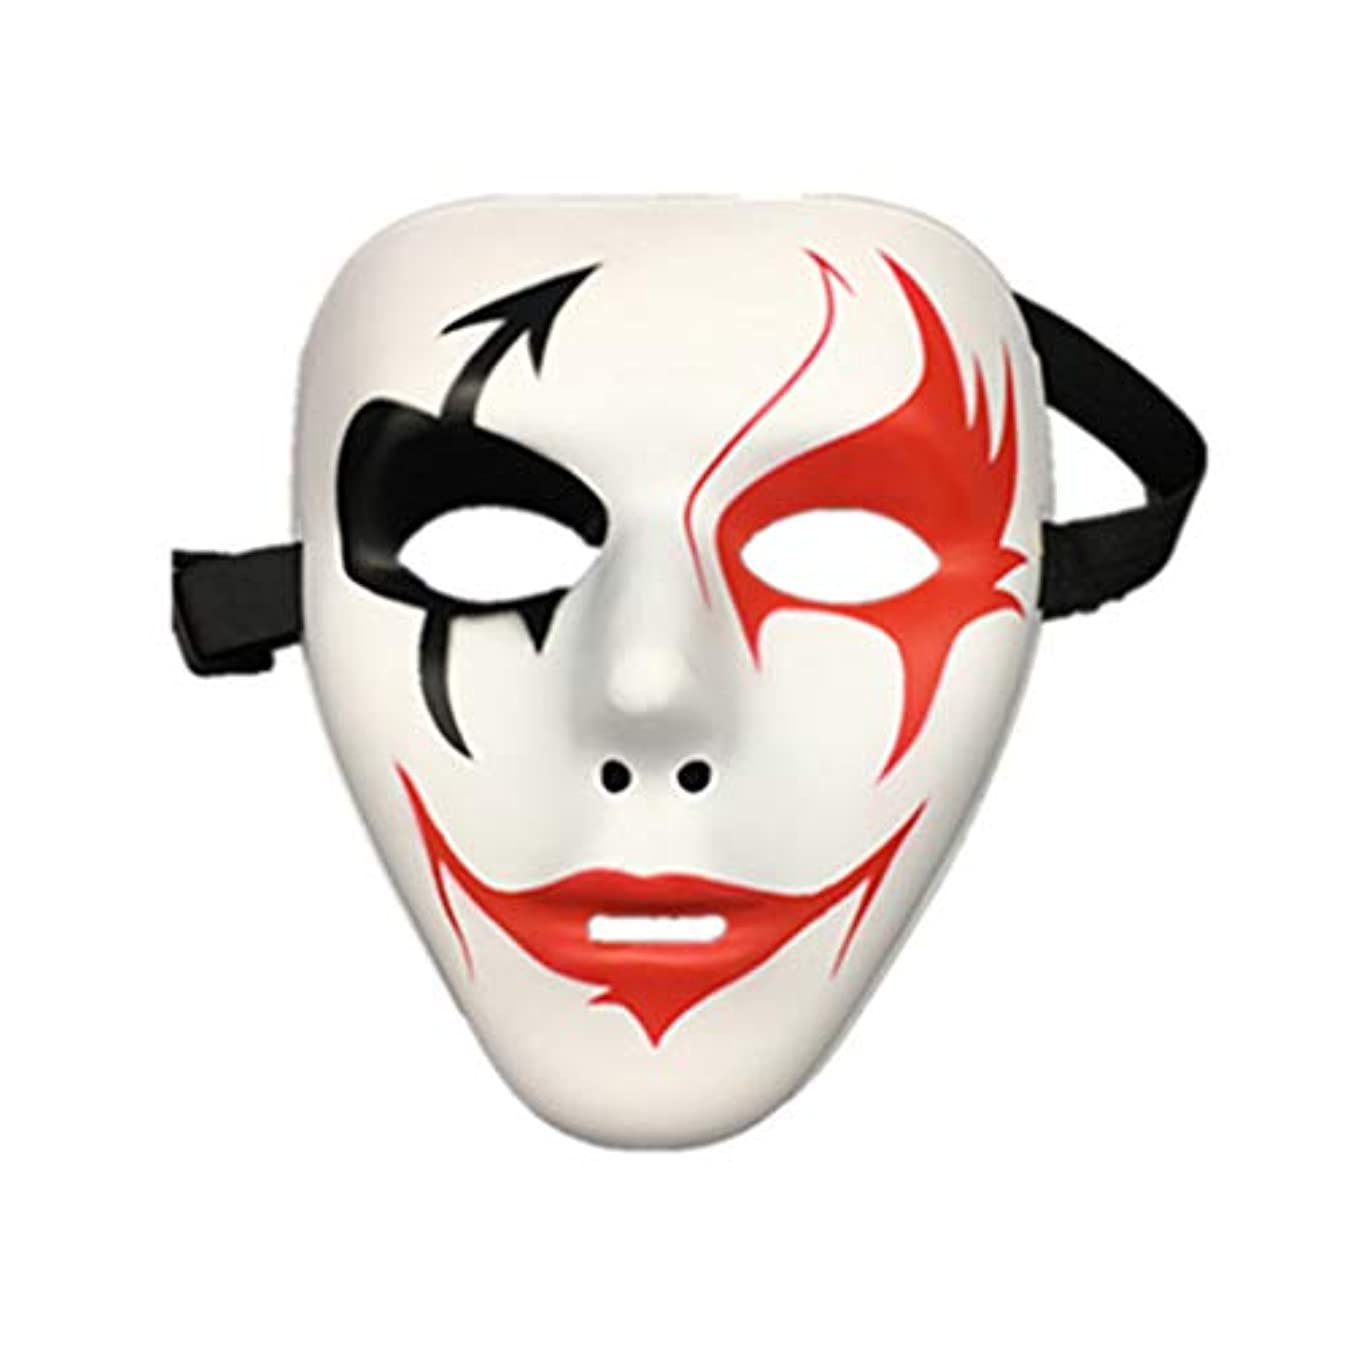 ウェイター志すサッカーハロウィンマスクフルフェイスストリートダンス振動マスク仮装変なマスクダンスマスク